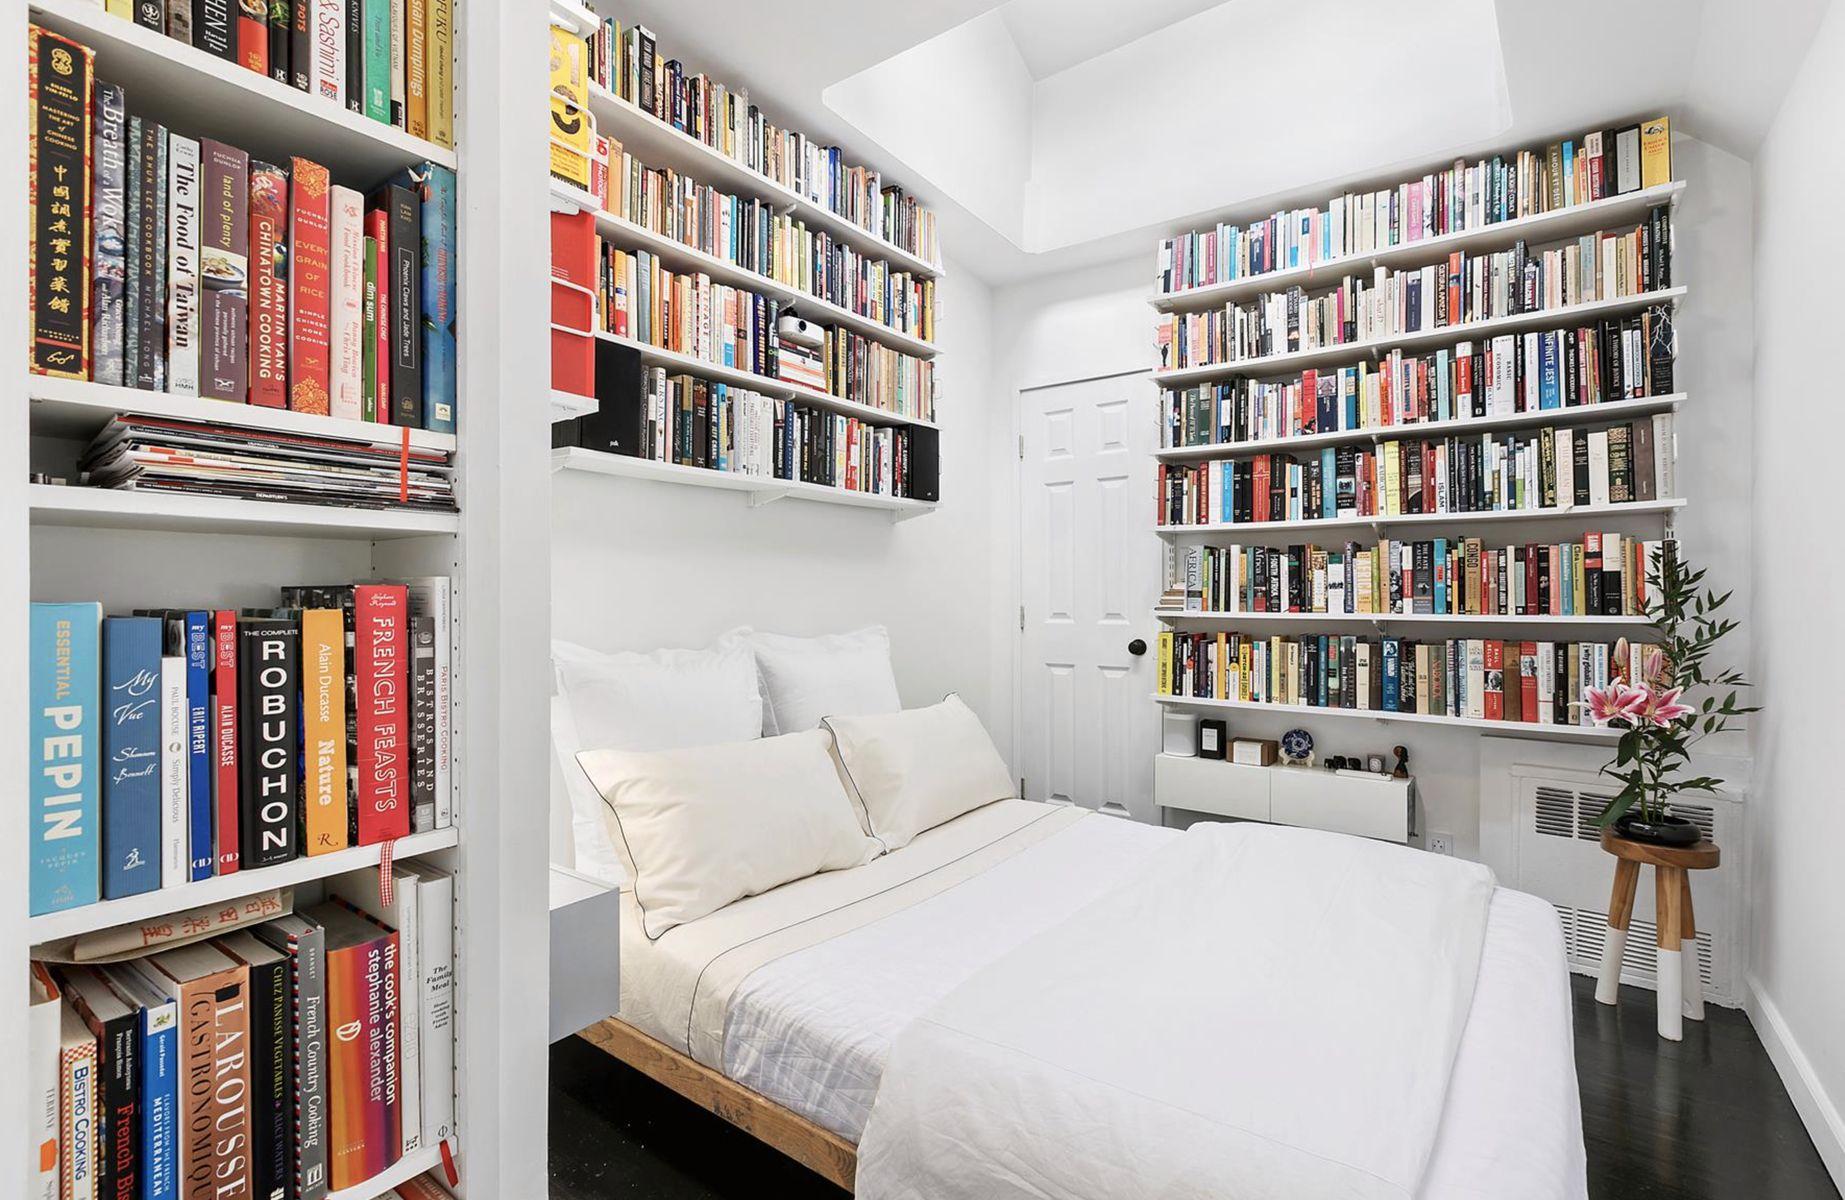 Schlafzimmer mit drei Wänden von Bücherregalen vom Boden bis zur Decke über Apartment Therapy